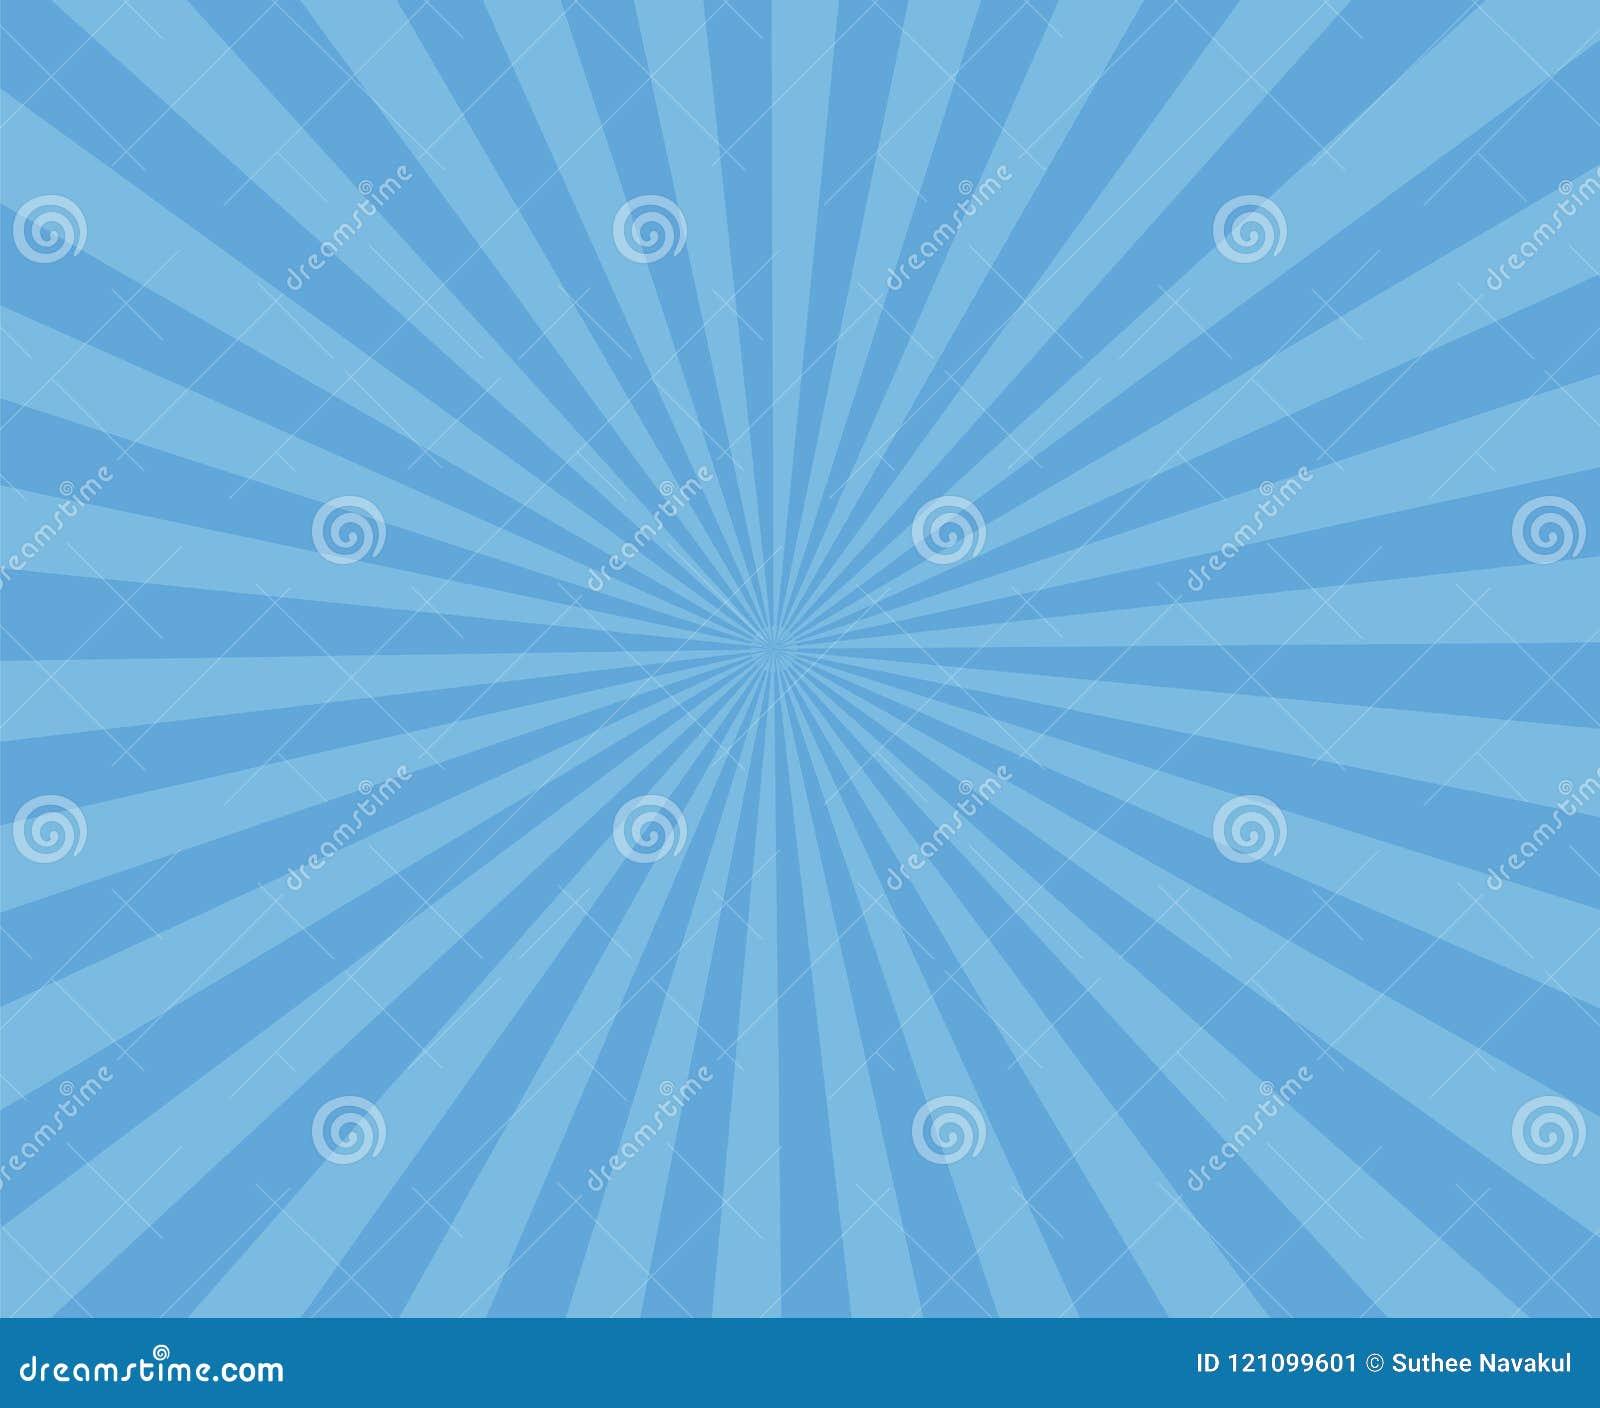 蓝色艺术镶边背景 现代条纹发出光线背景